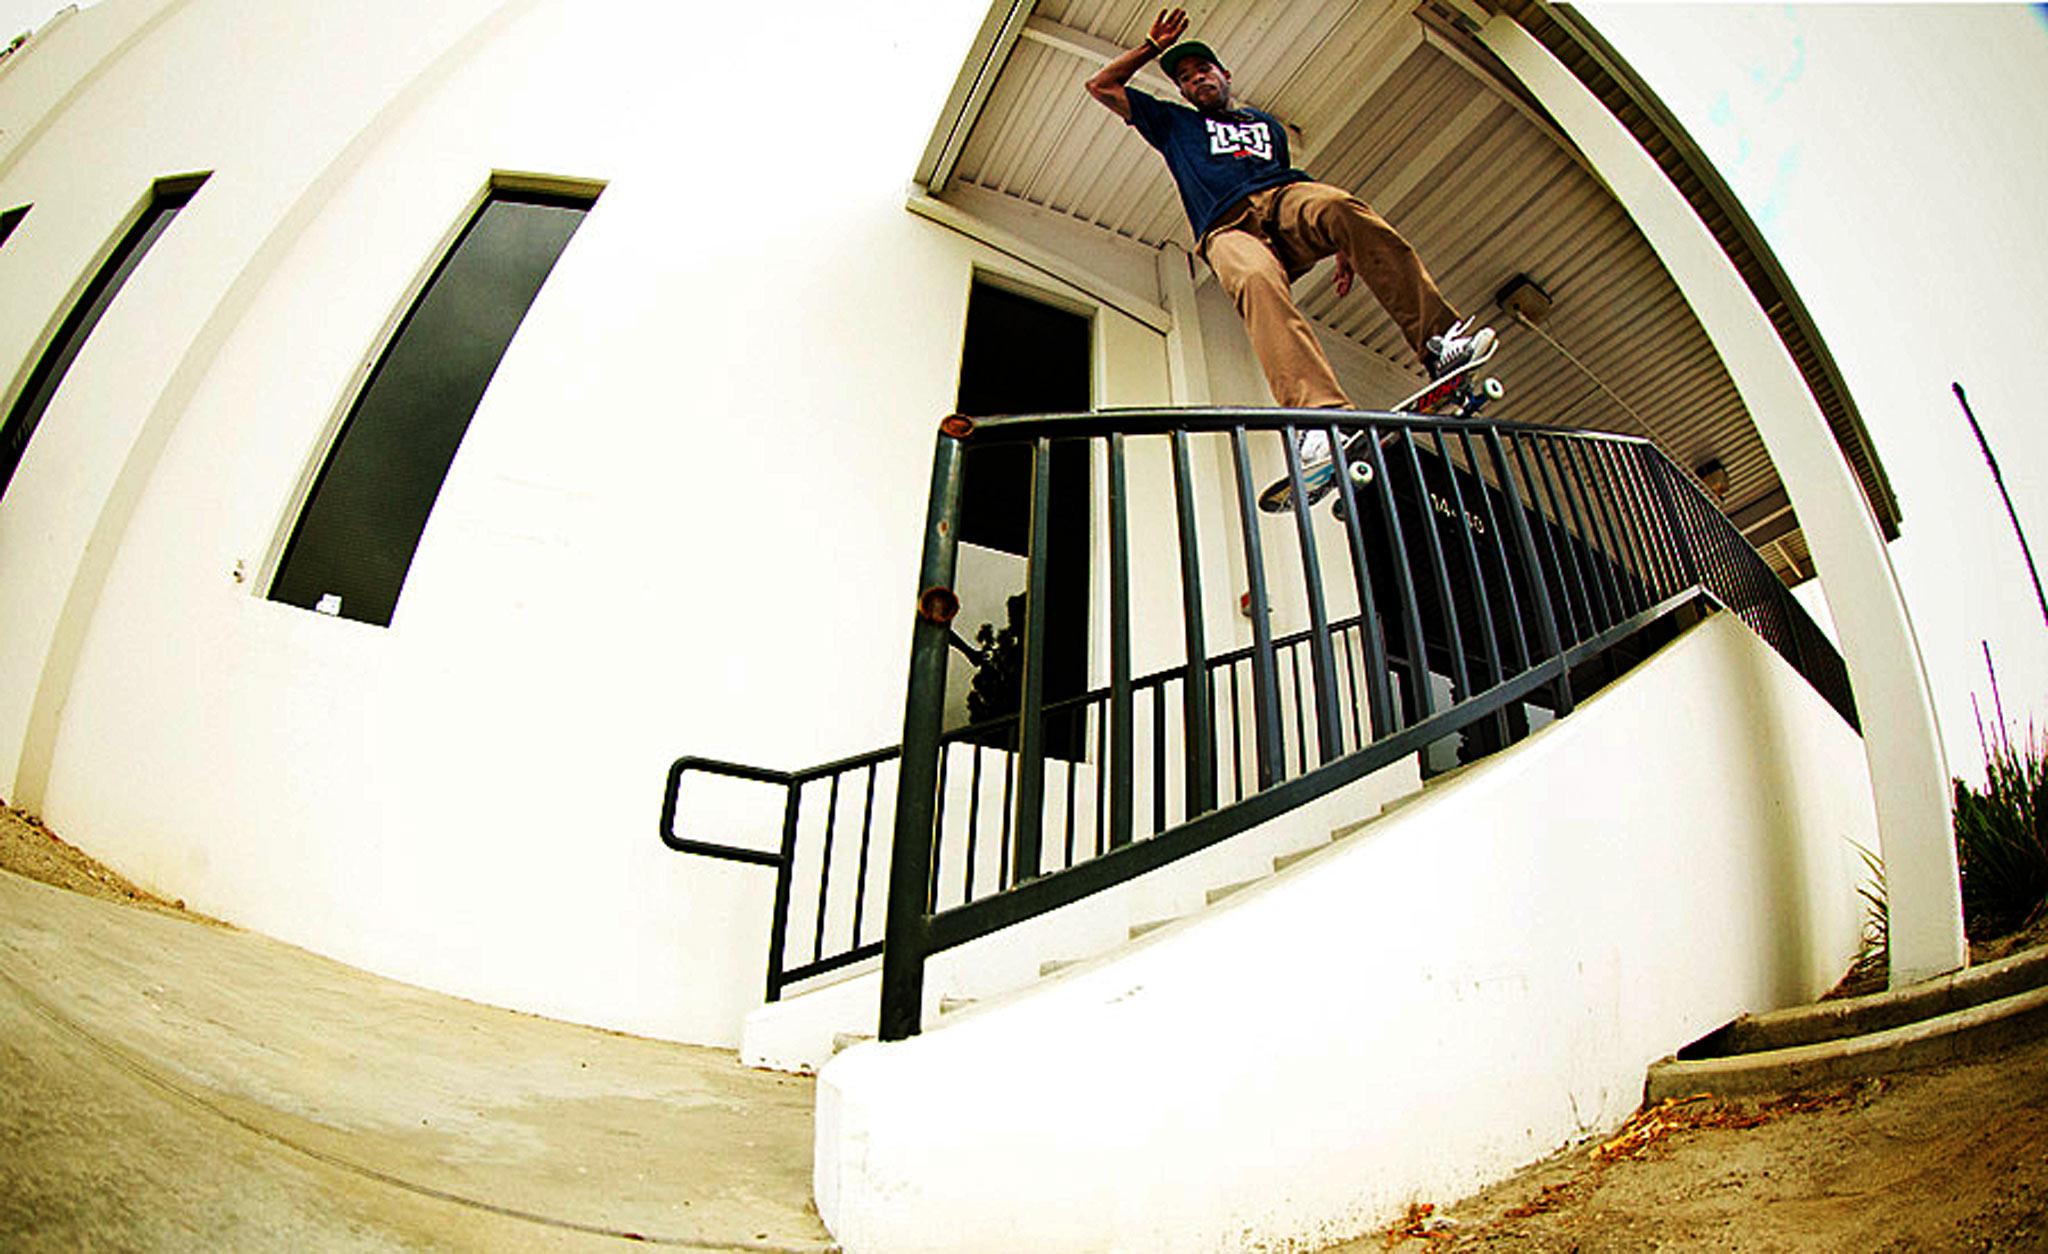 Derrick Wilson, Smith Grind